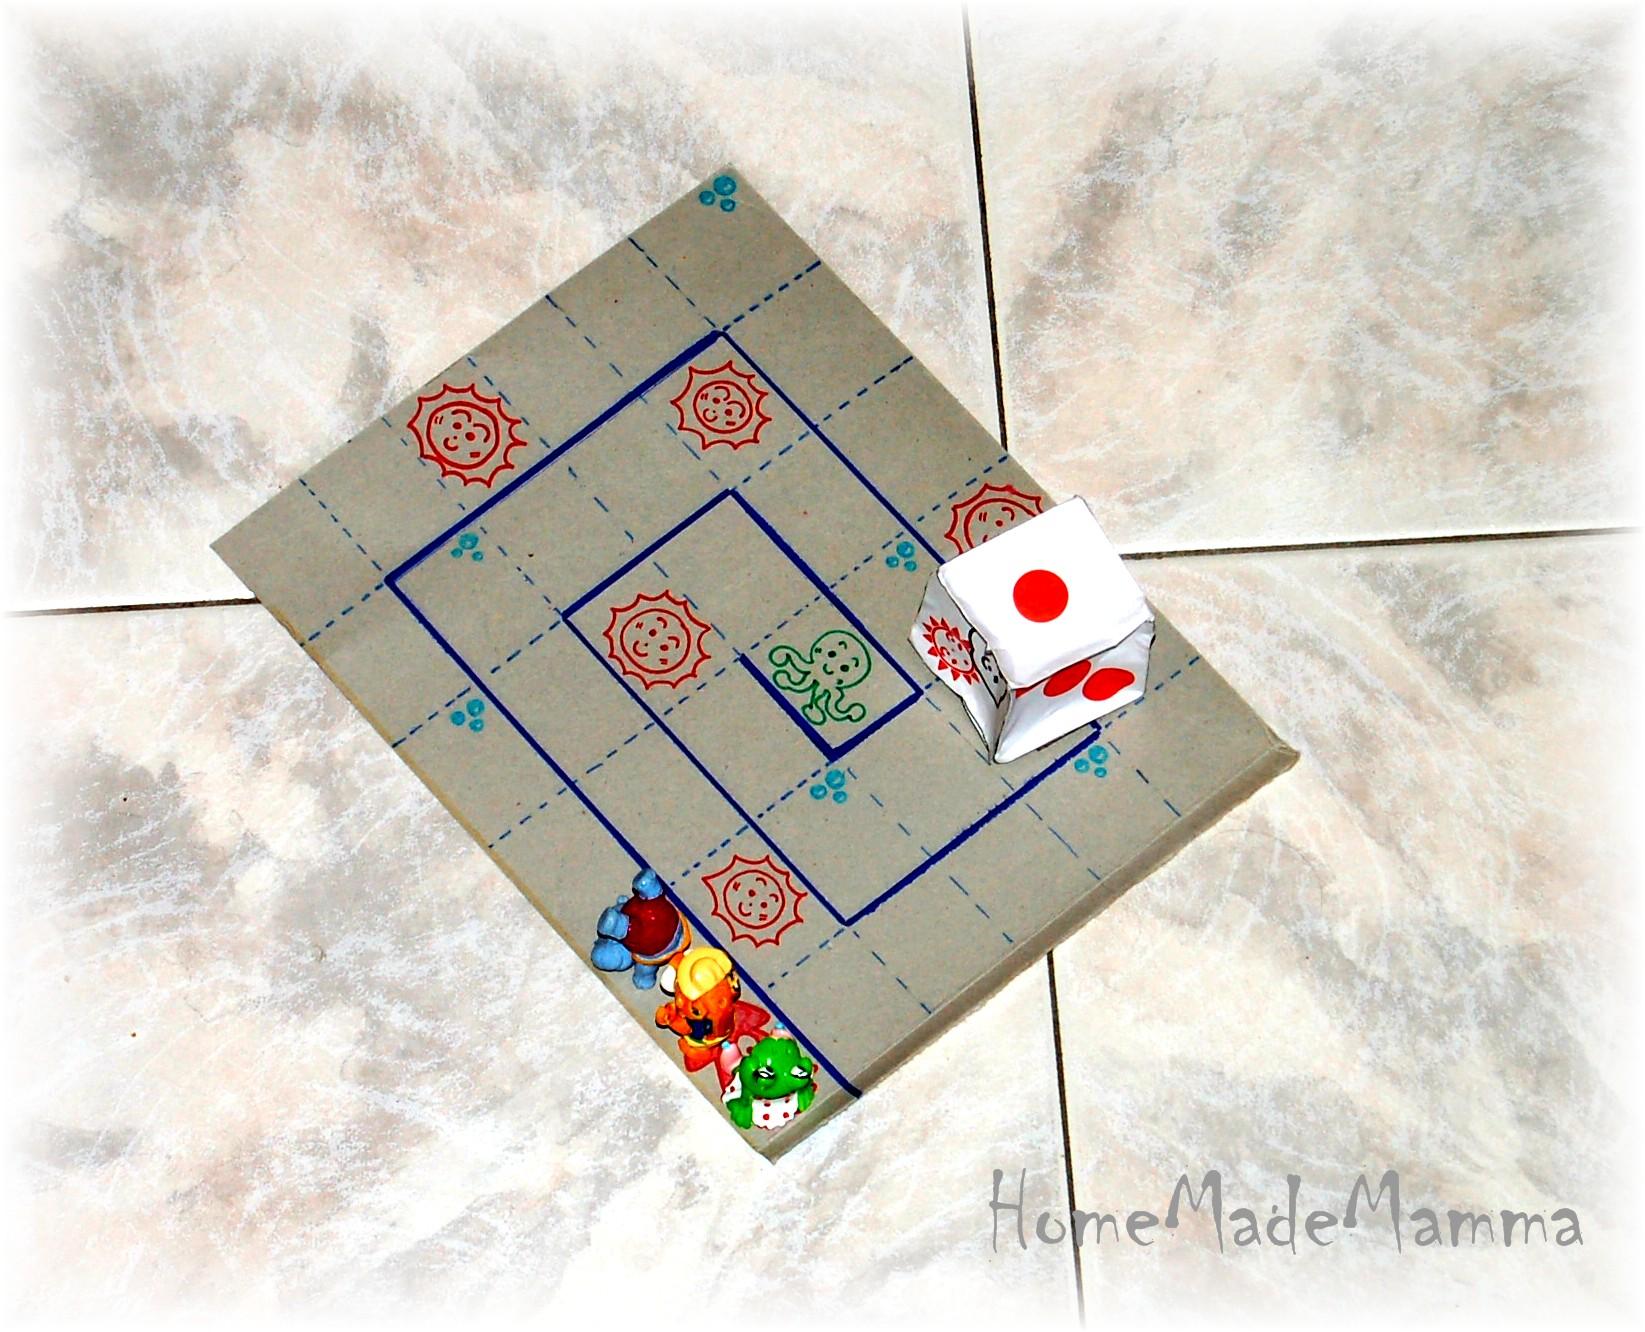 Giochi di carte magiche online dating 7